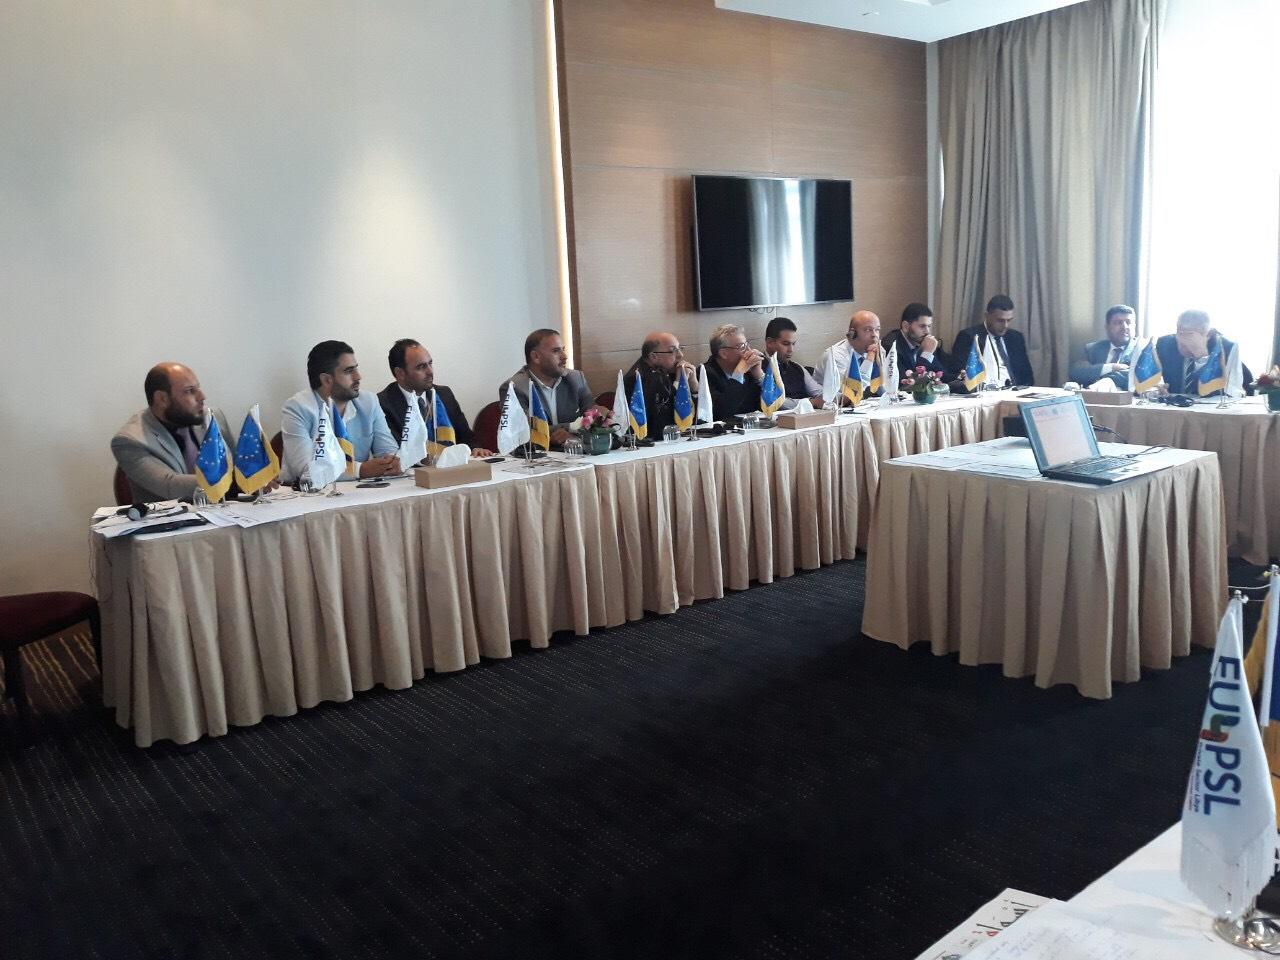 ورشة عمل لوضع الخطة التنفيذية للبرنامج الاوروبي لدعم القطاع الخاص الليبي بتونس بتاريخ 16/4/2019 م